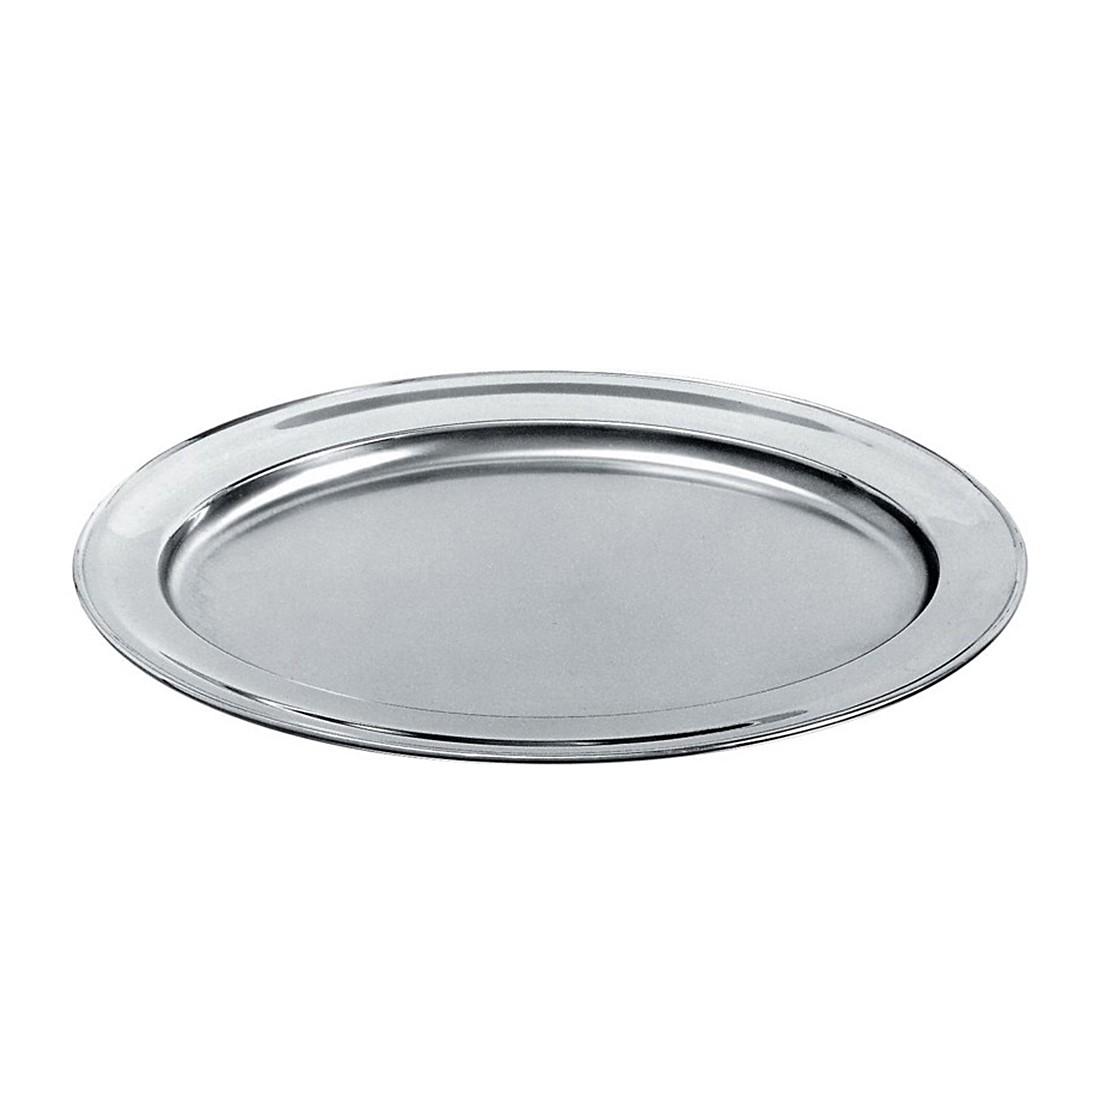 Servierplatte – oval – 50 x 35 cm, Alessi kaufen